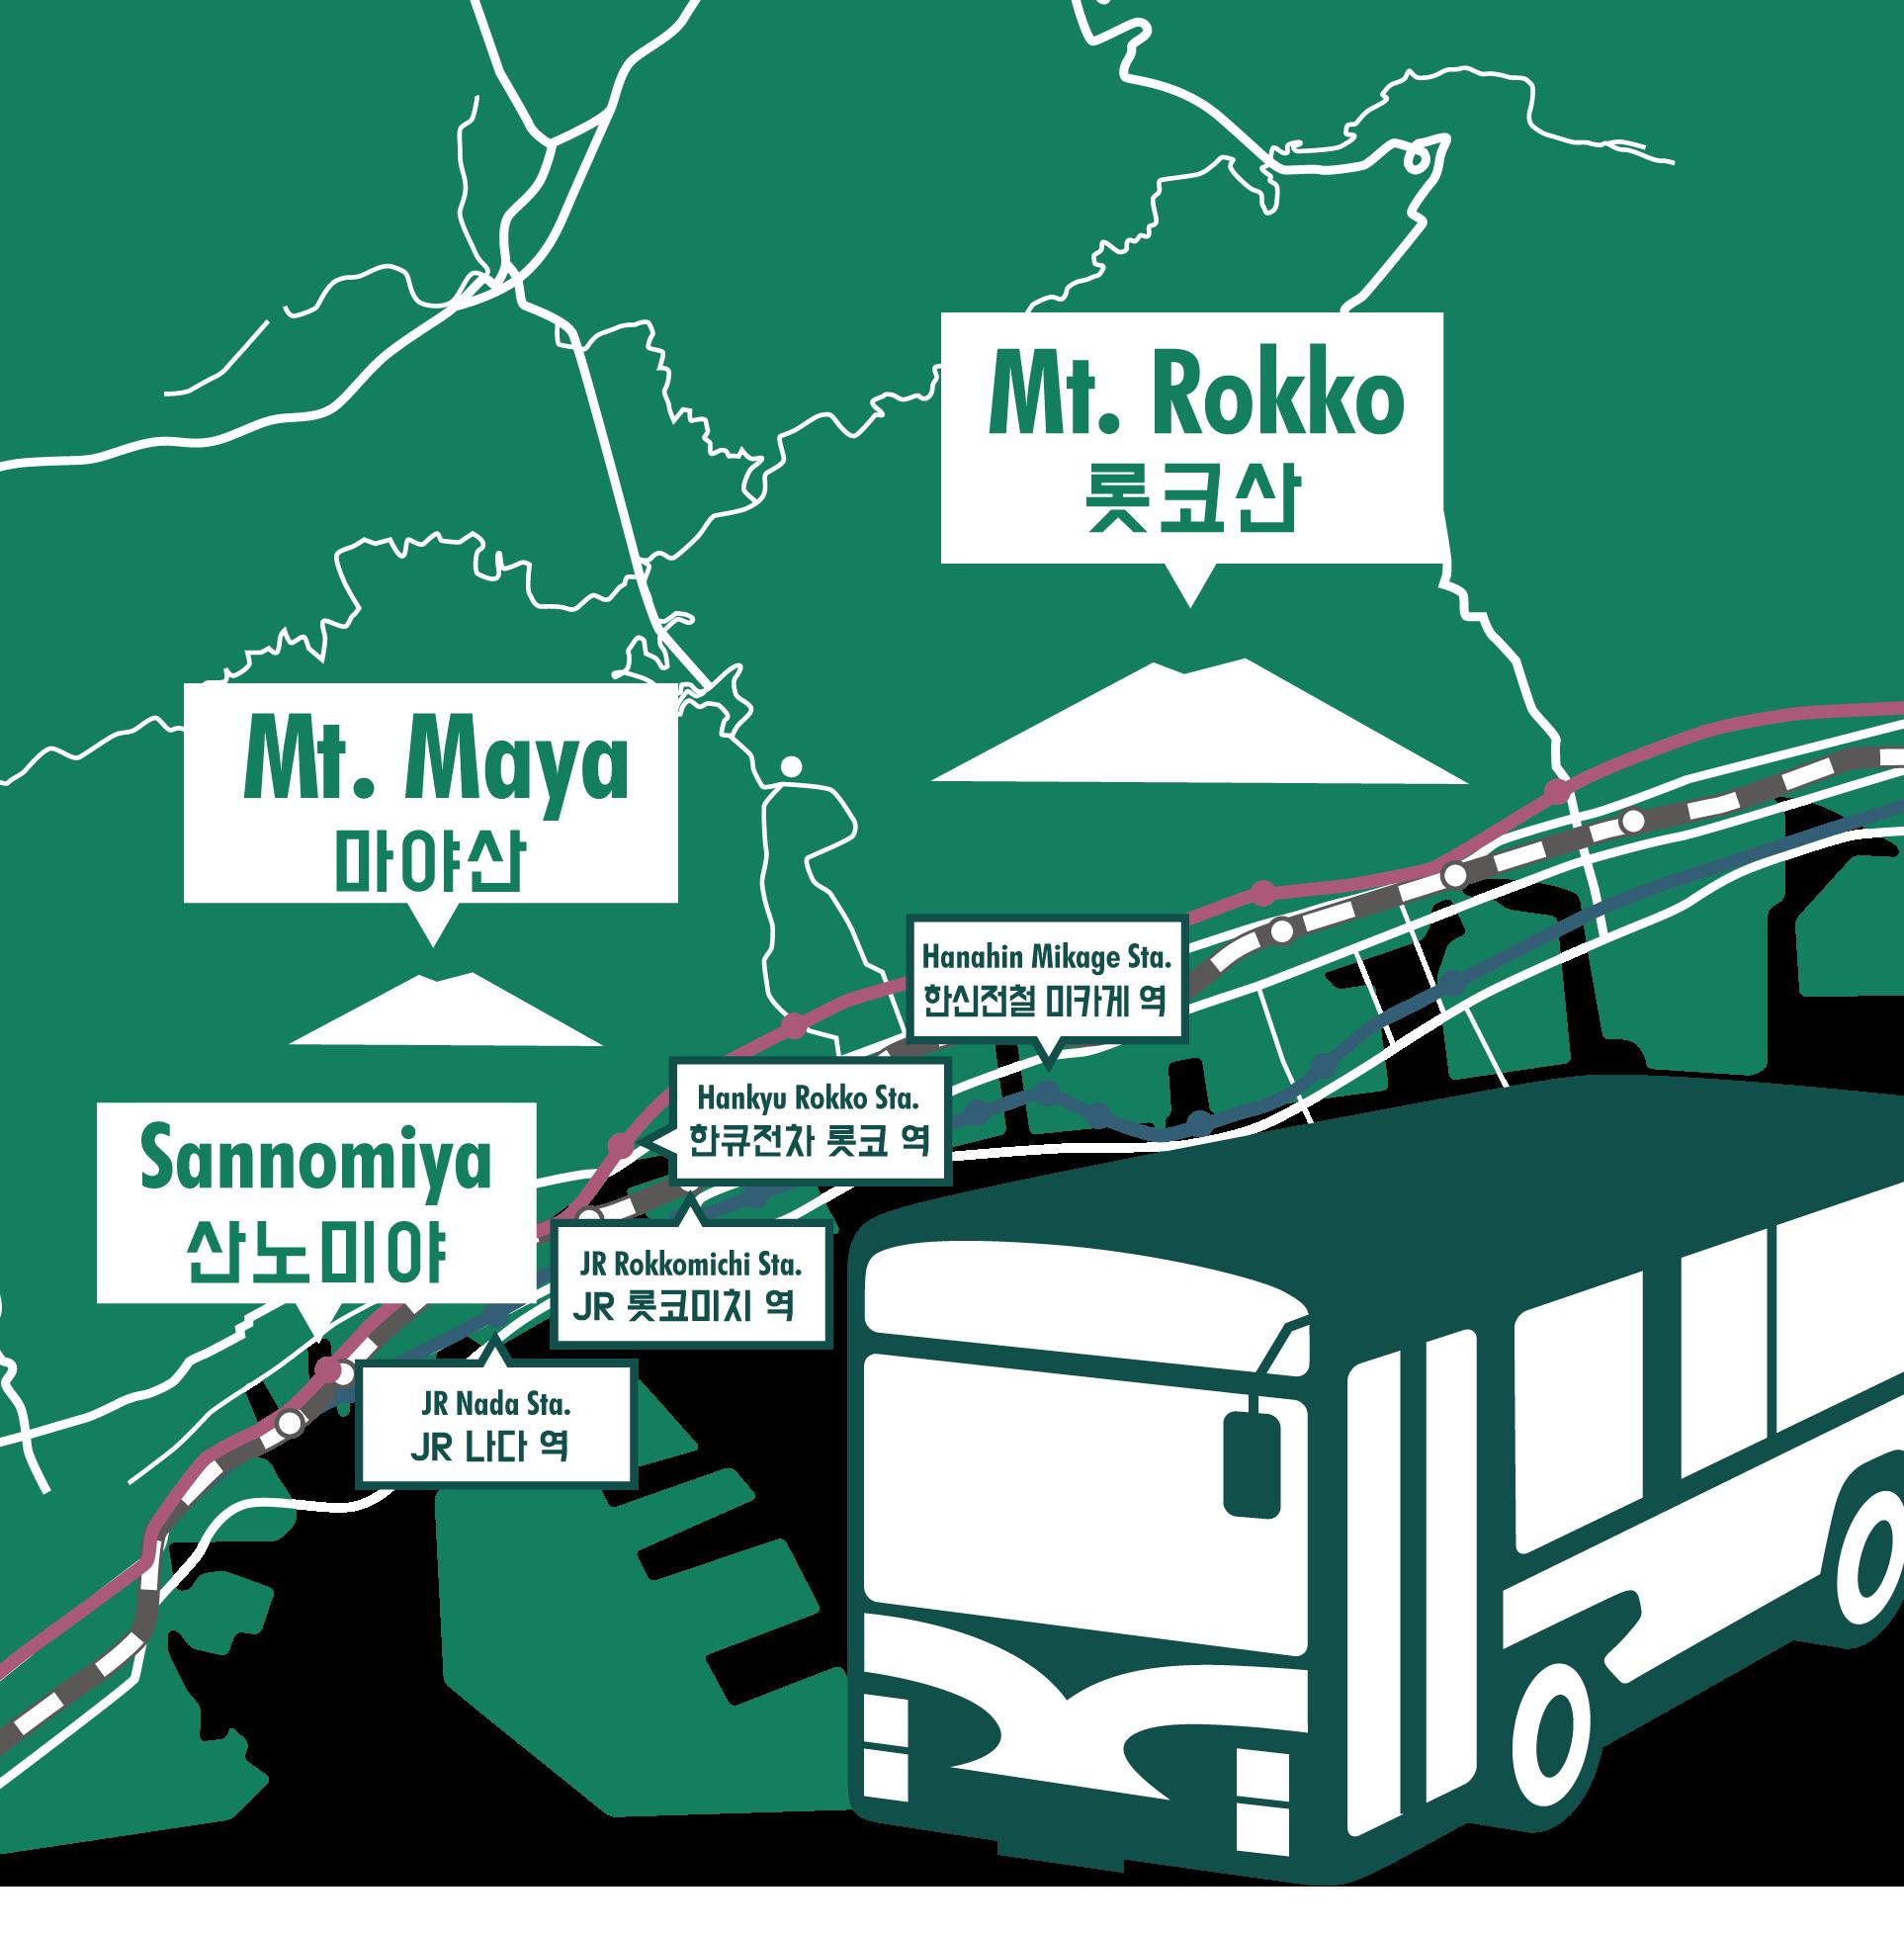 롯코・마야로 가는 길은 노선 버스가 편리해요!